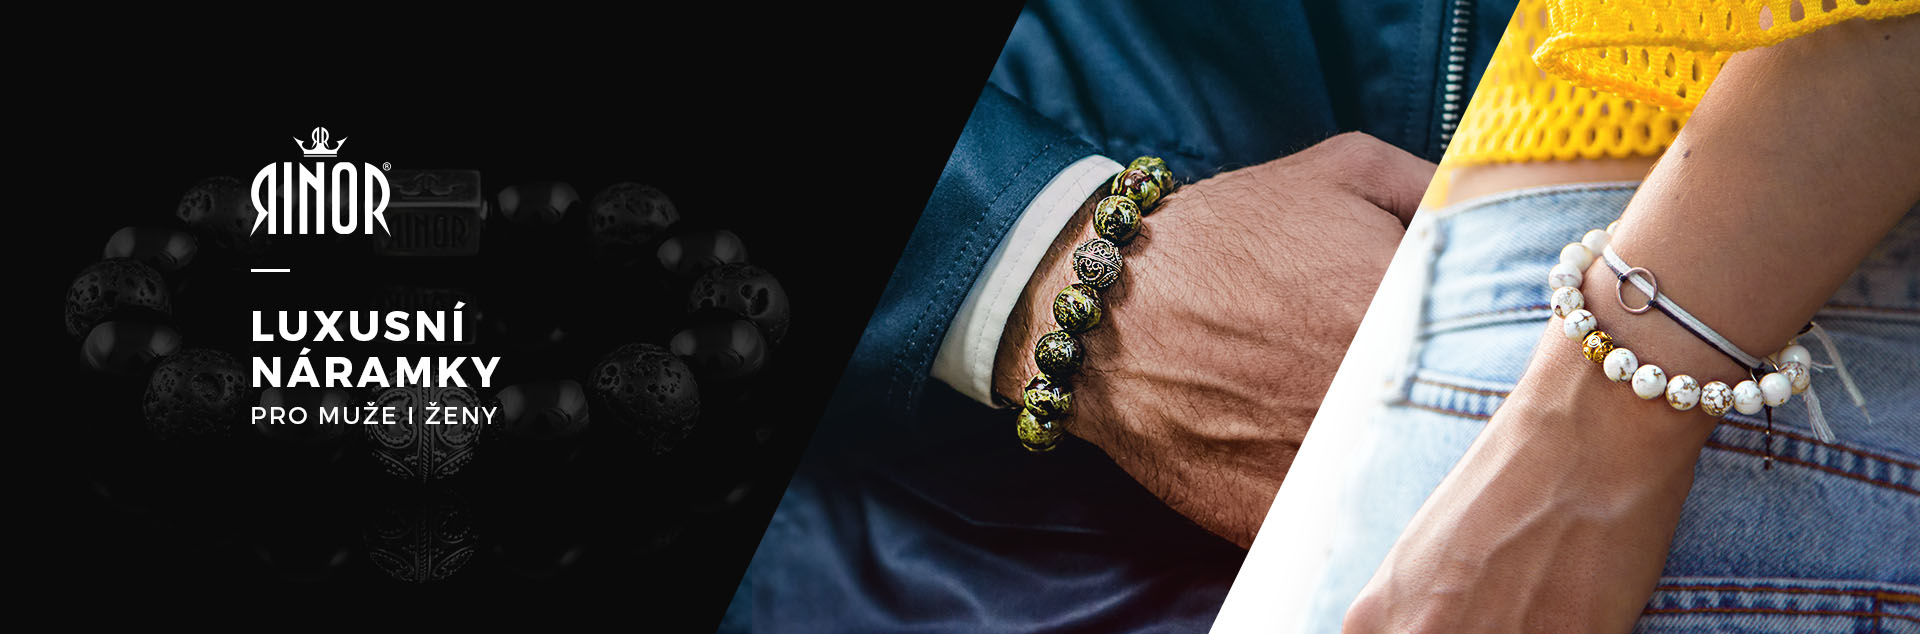 Rinor - luxusní pánské a dámské náramky